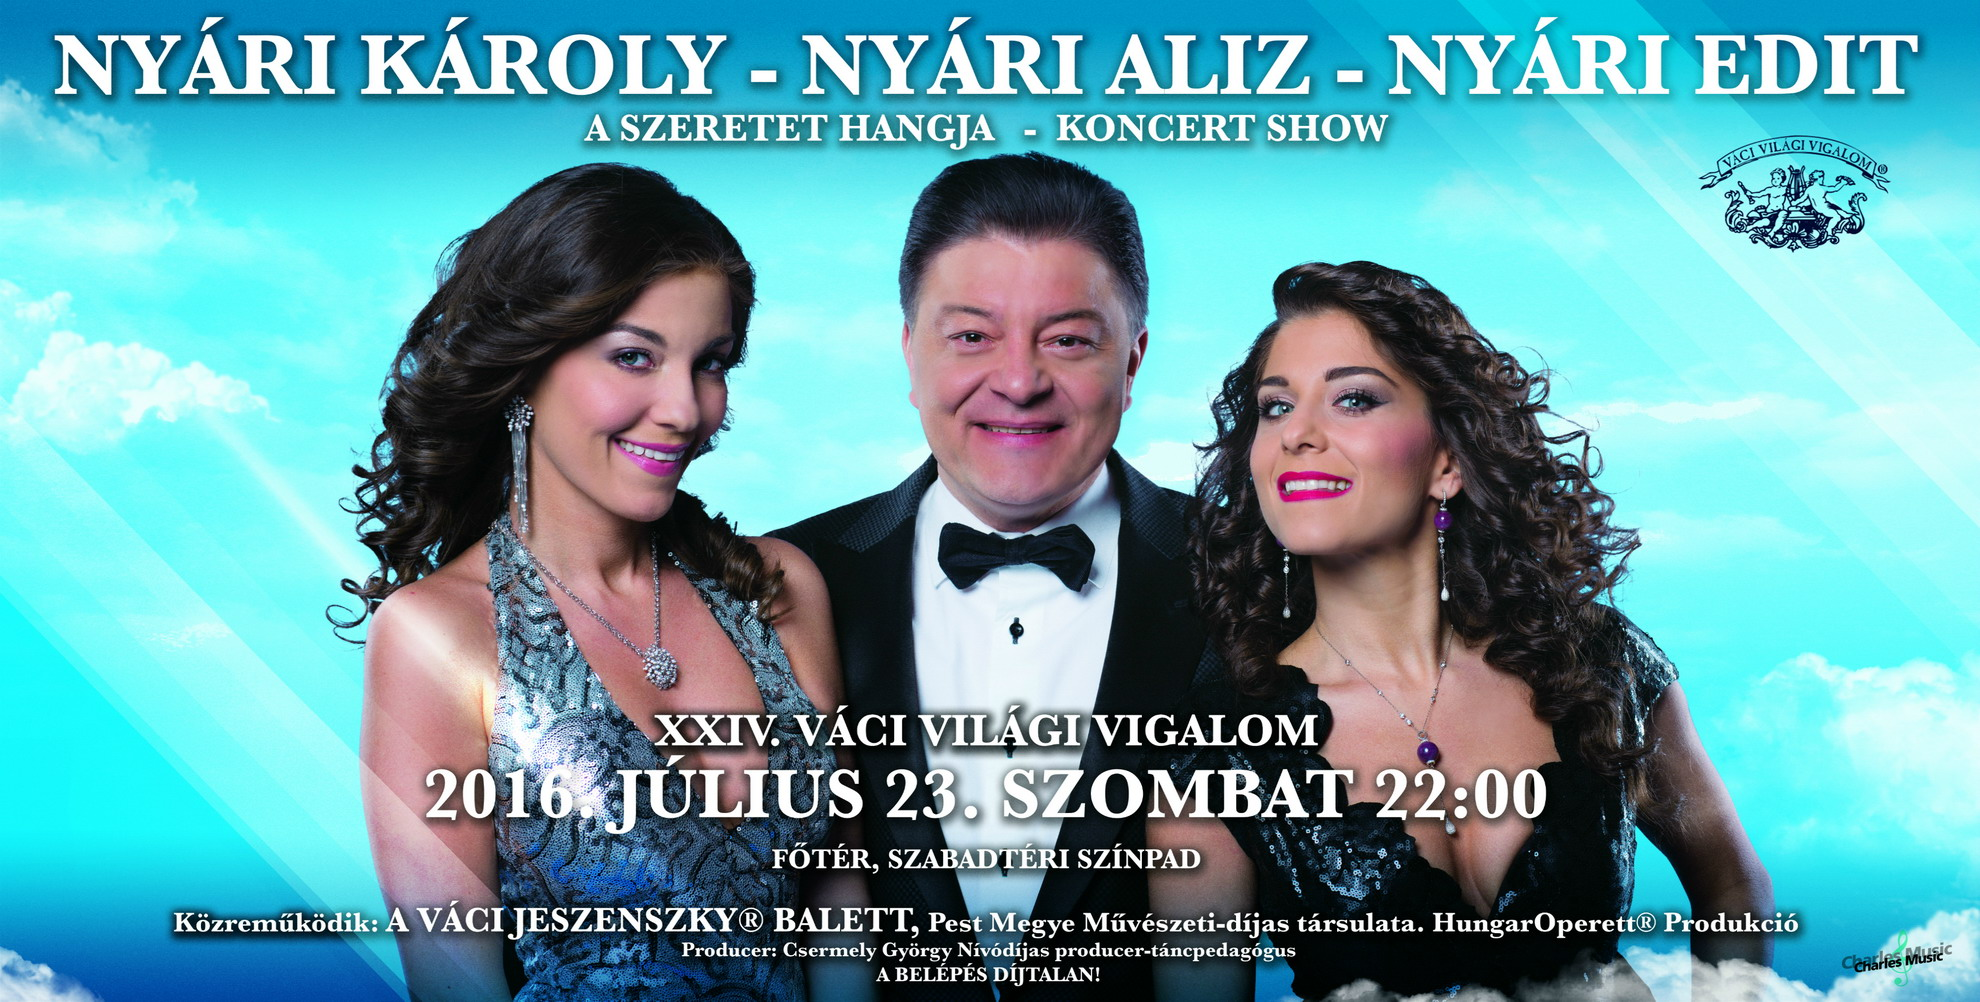 Nyári Károly az ország legismertebb énekes zongoristája és két elbűvölő lánya Nyári Aliz és Nyári Edit különleges koncert show műsort mutat be a XXIV. Váci Világi Vigalom alkalmával.